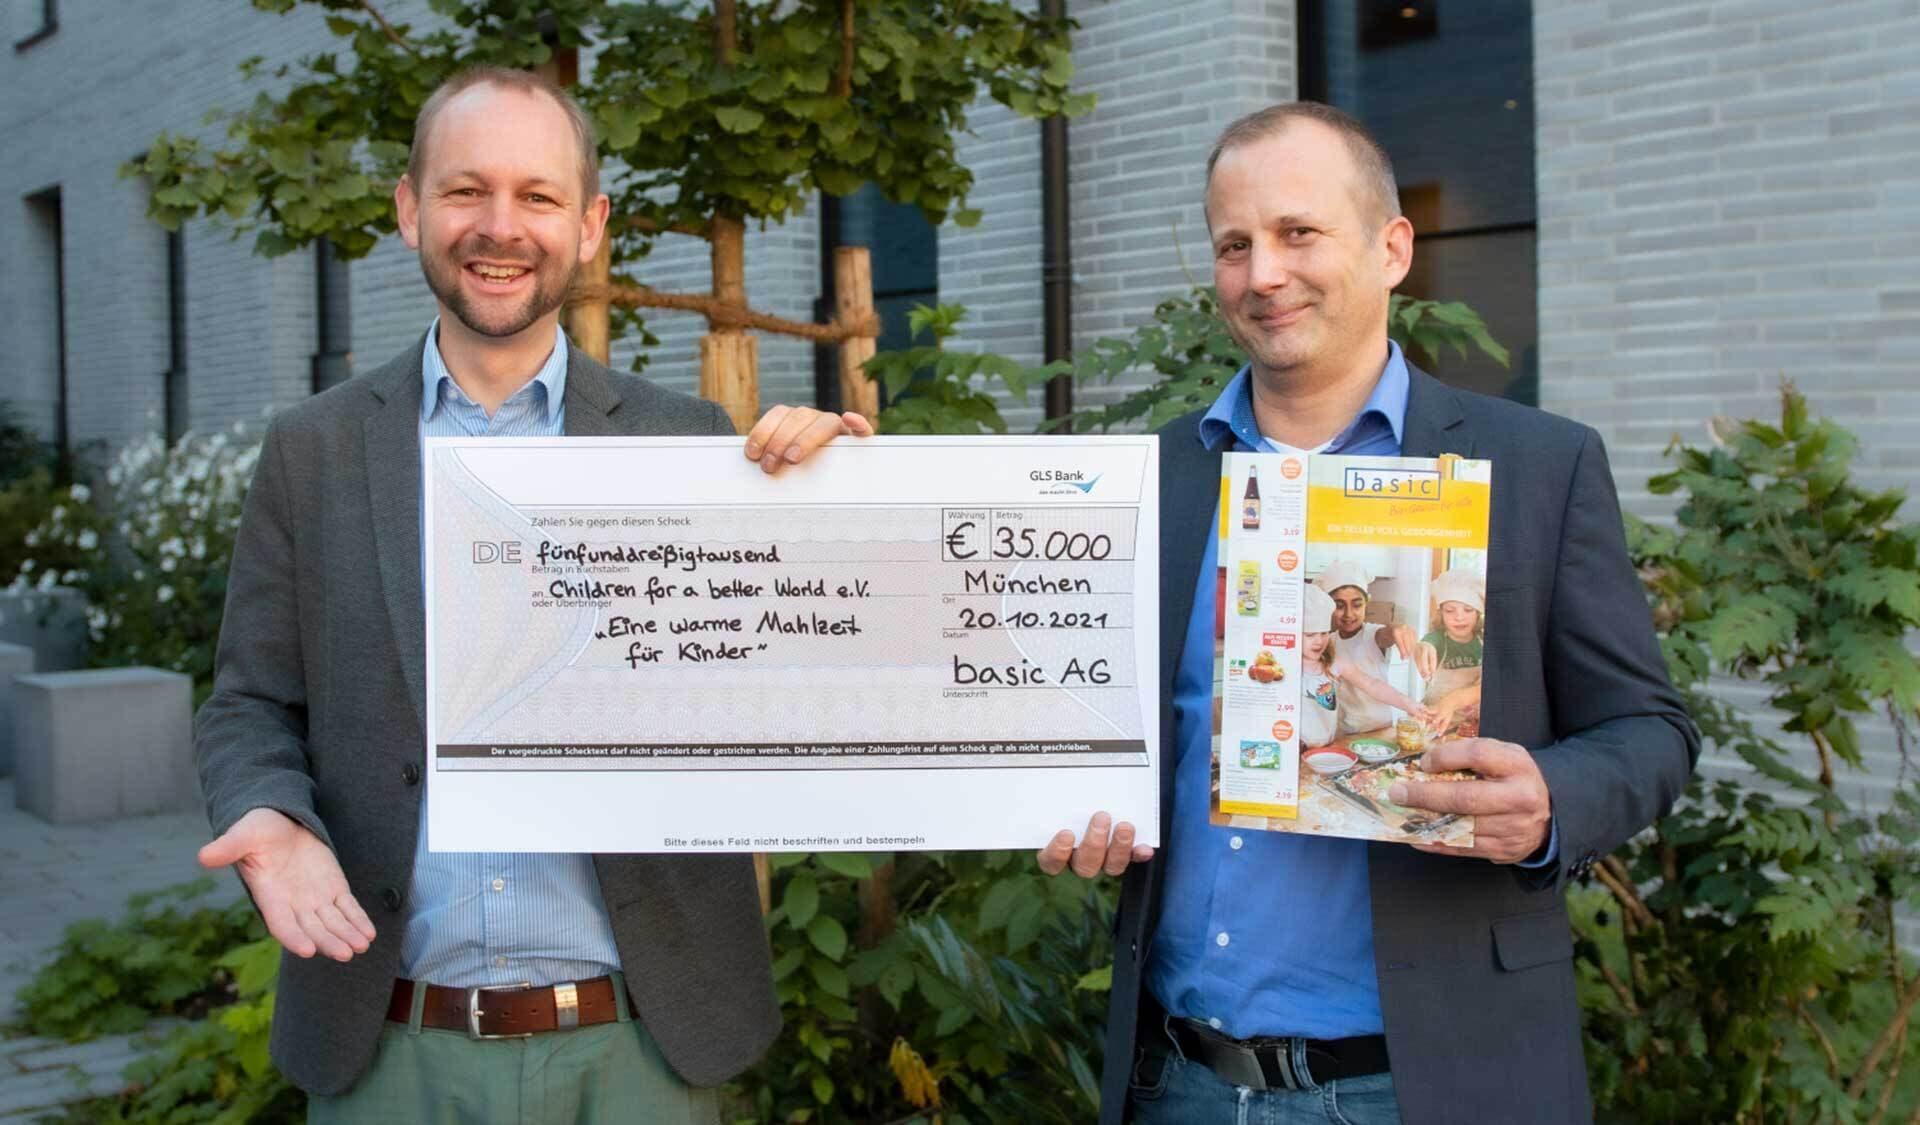 """Christian Wagner, Leiter Einkauf bei der Basic AG (rechts im Bild),und Cornelius Nohl, Geschäftsführer der Münchner Kinderhilfsorganisation """"Children"""" (links)."""